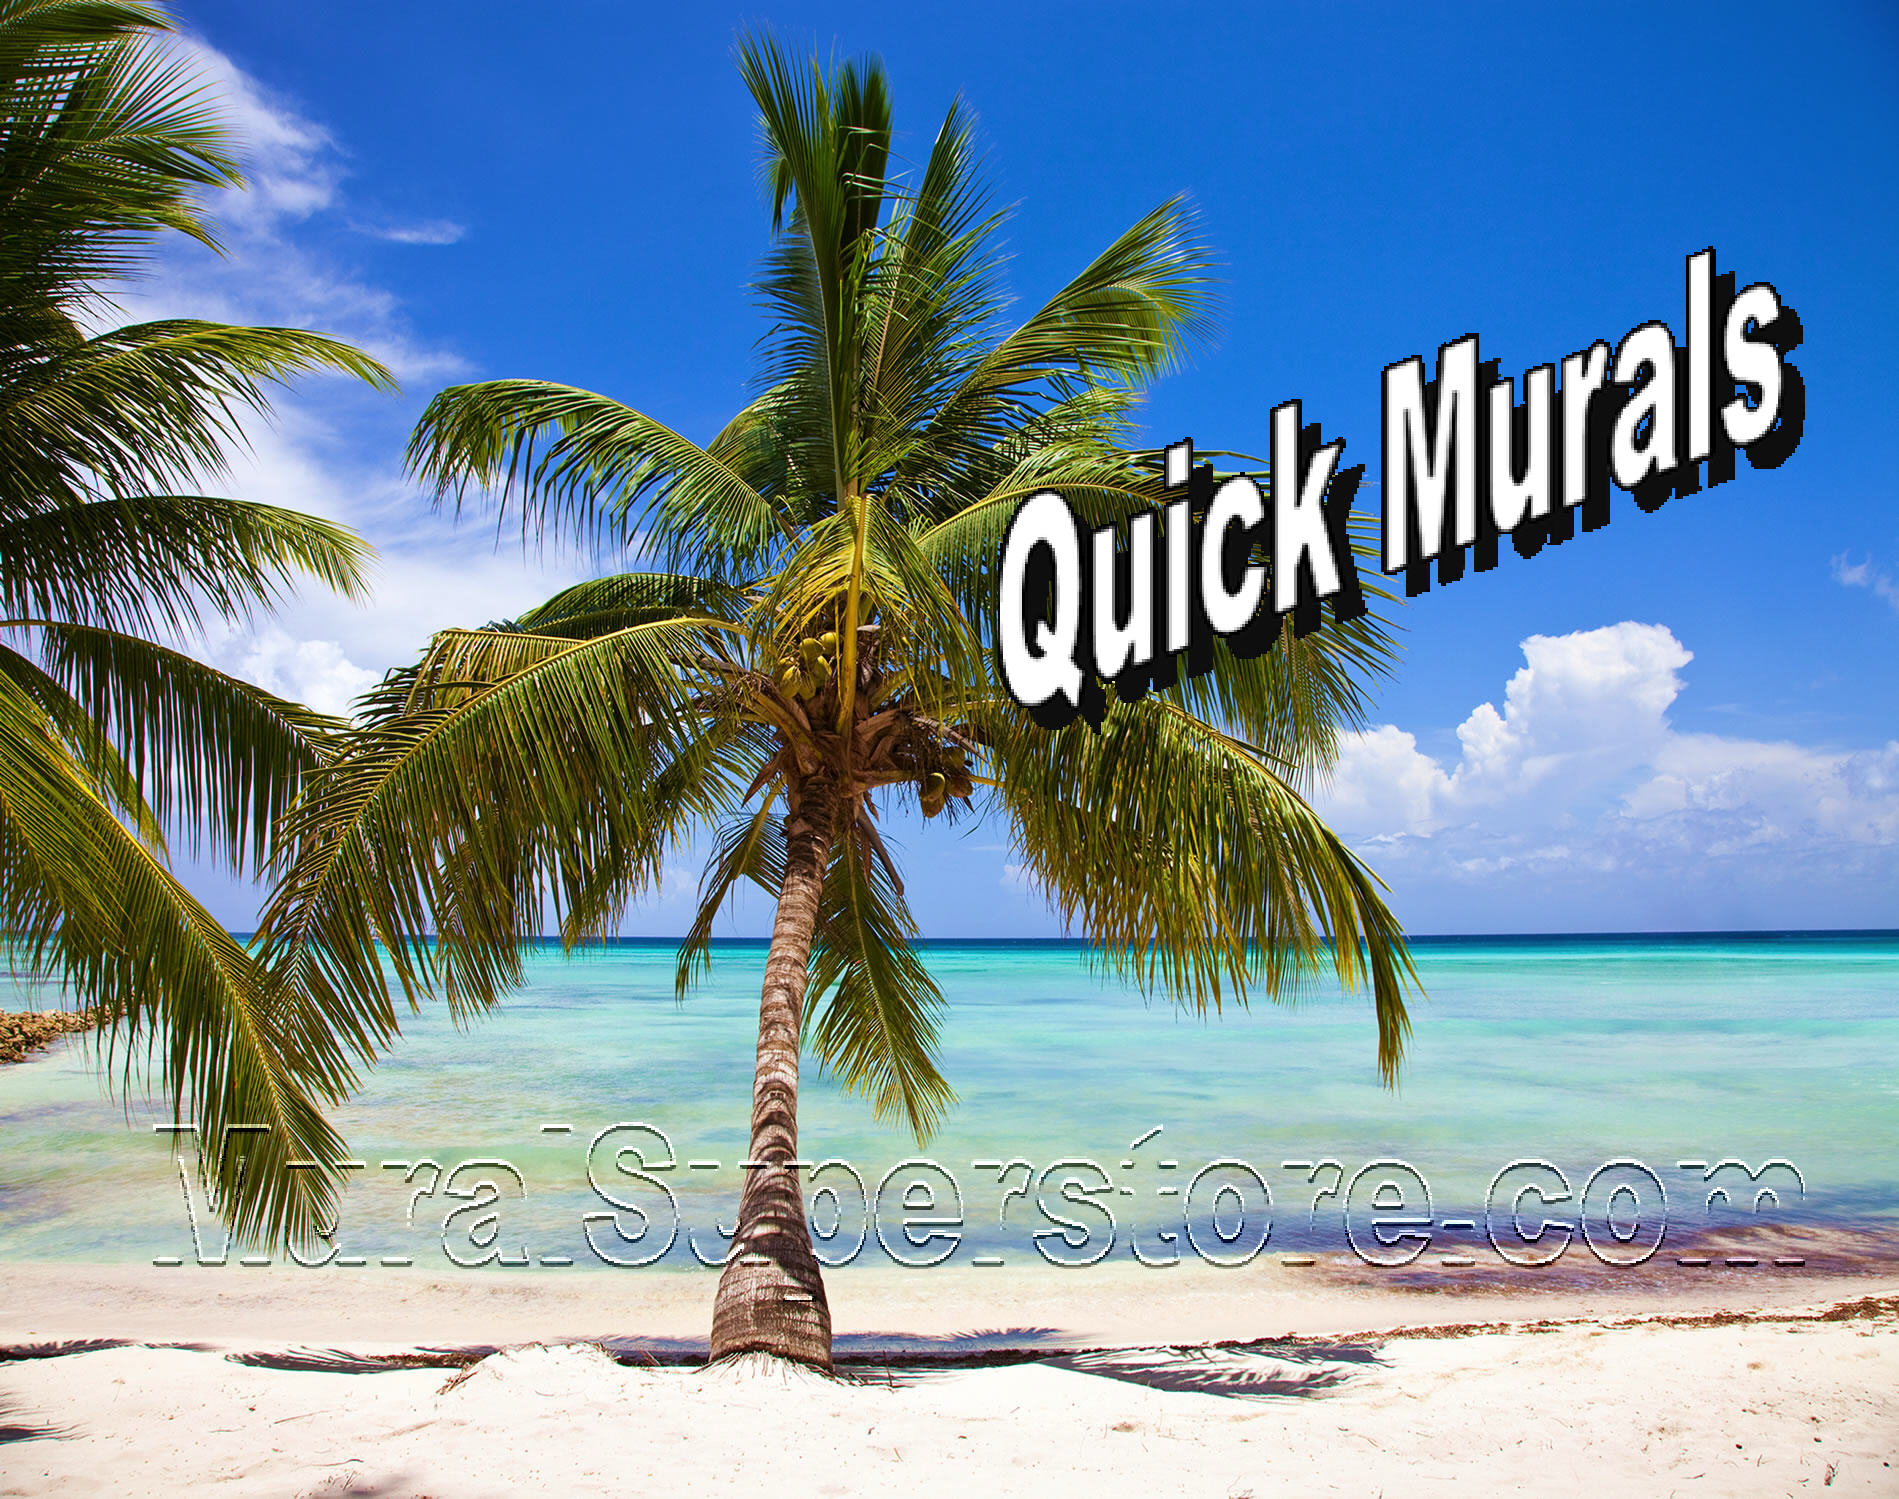 tropical sunset wallpaper murals tropical beach mural 1899x1499